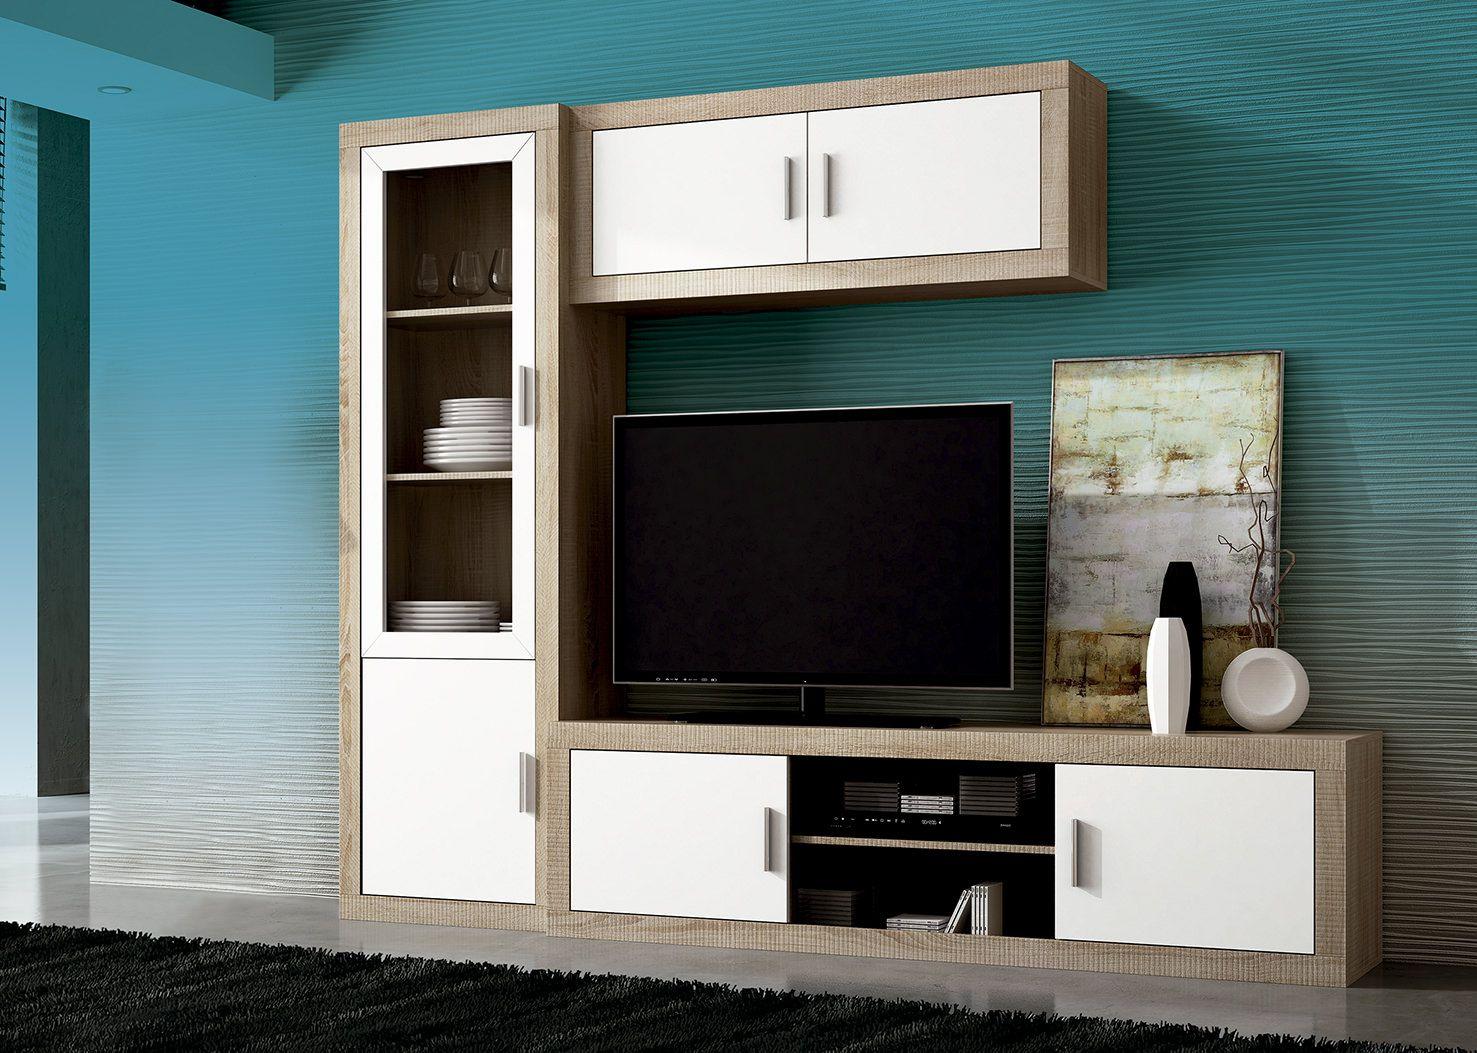 Mueble de comedor low cost laraga 02 de madera laminada - Muebles low cost ...